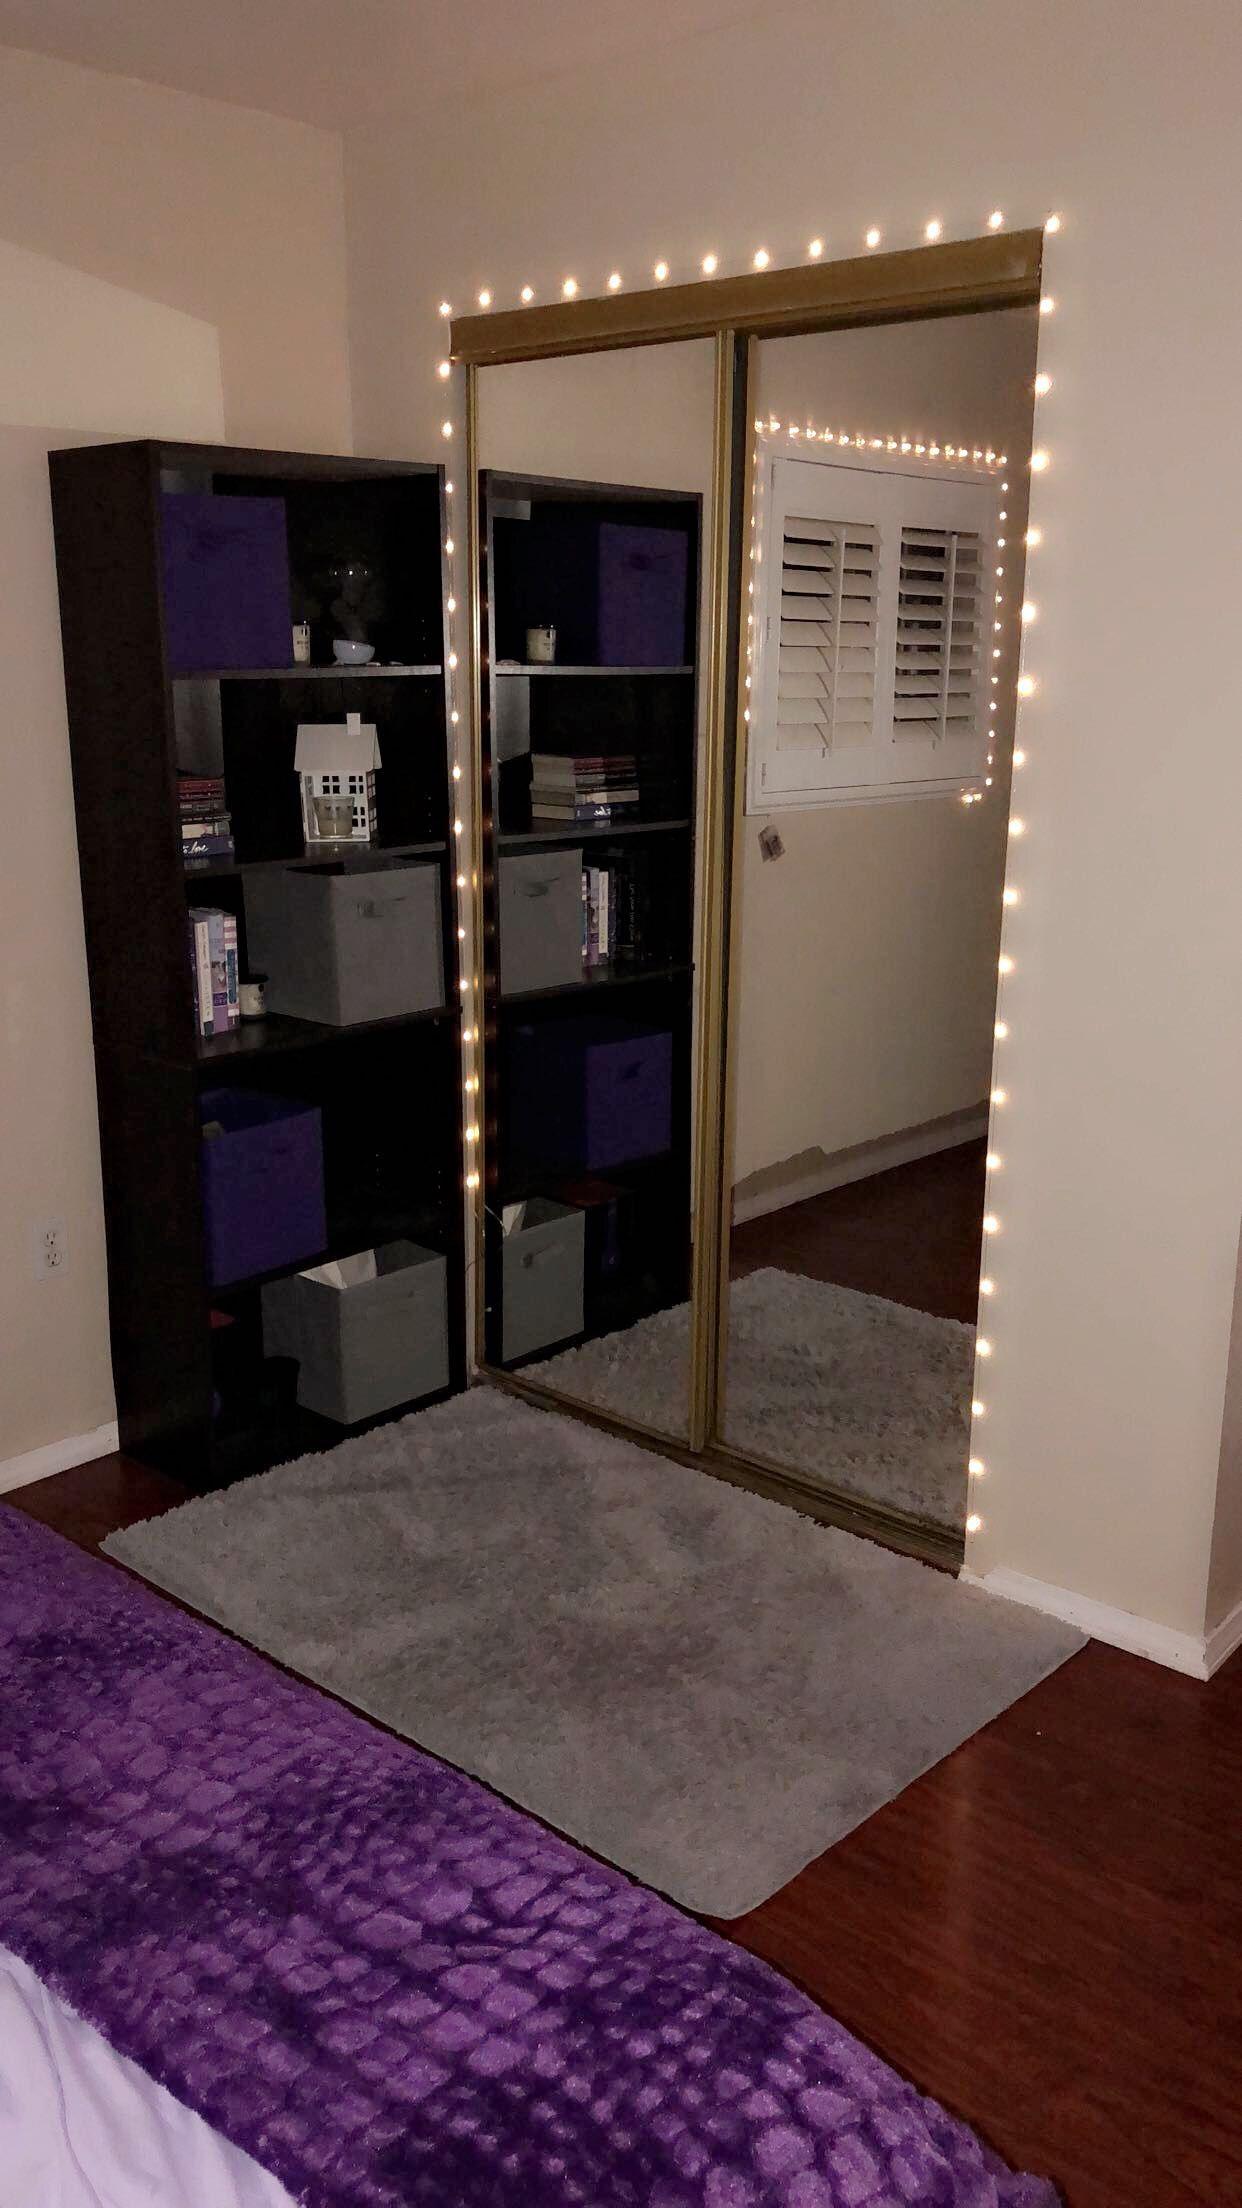 Einrichten Und Wohnen, Selbstgebautes Schlafzimmer, Schlafzimmer Ideen, Hipster  Schlafzimmer, Traumwohnung, Wohnungseinrichtung